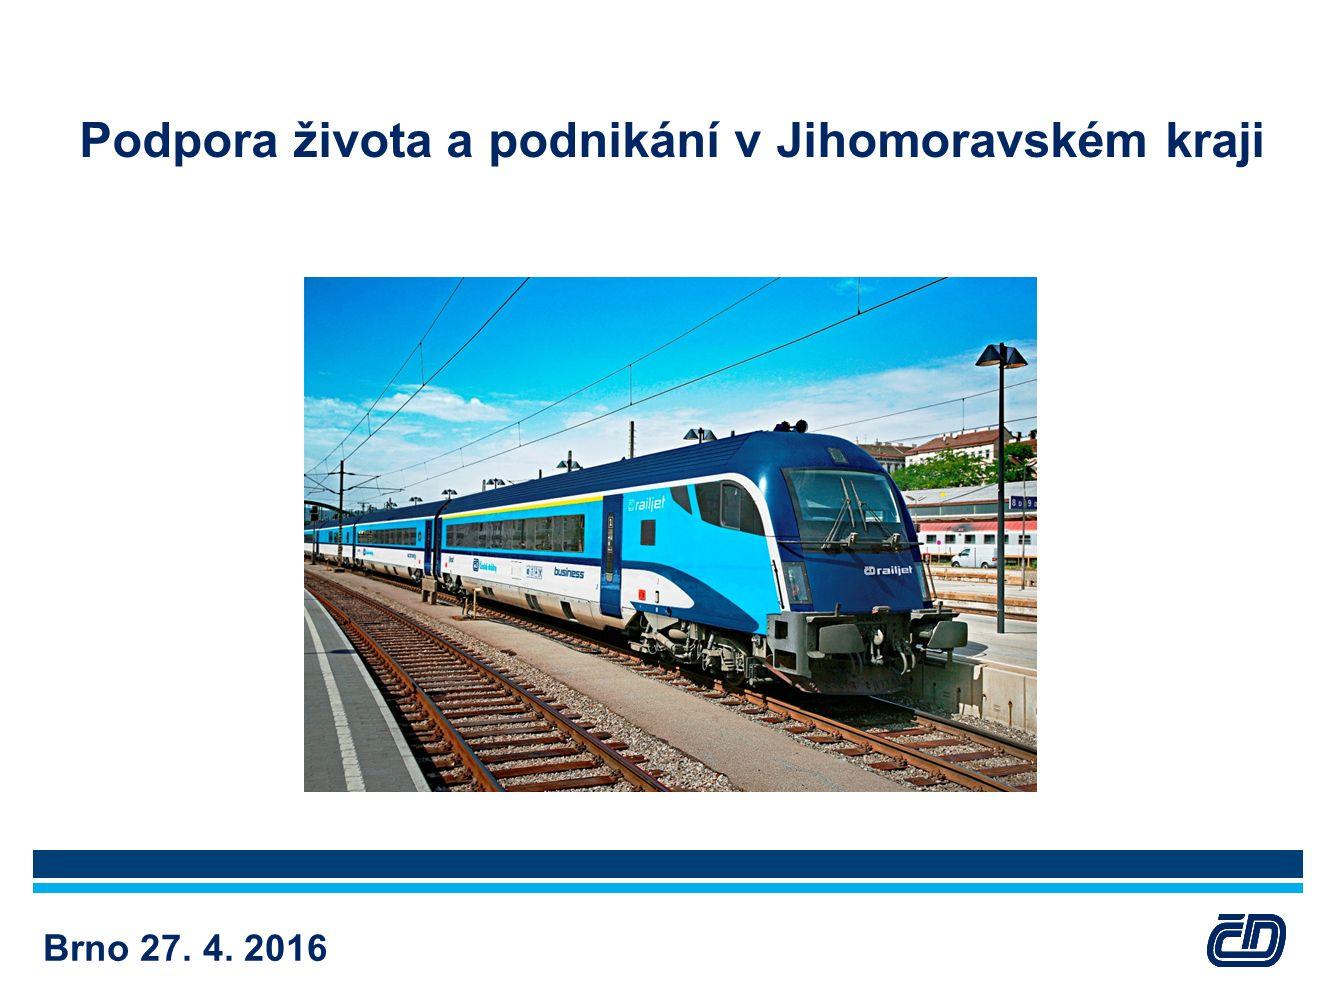 Podpora života a podnikání v Jihomoravském kraji Brno 27. 4. 2016